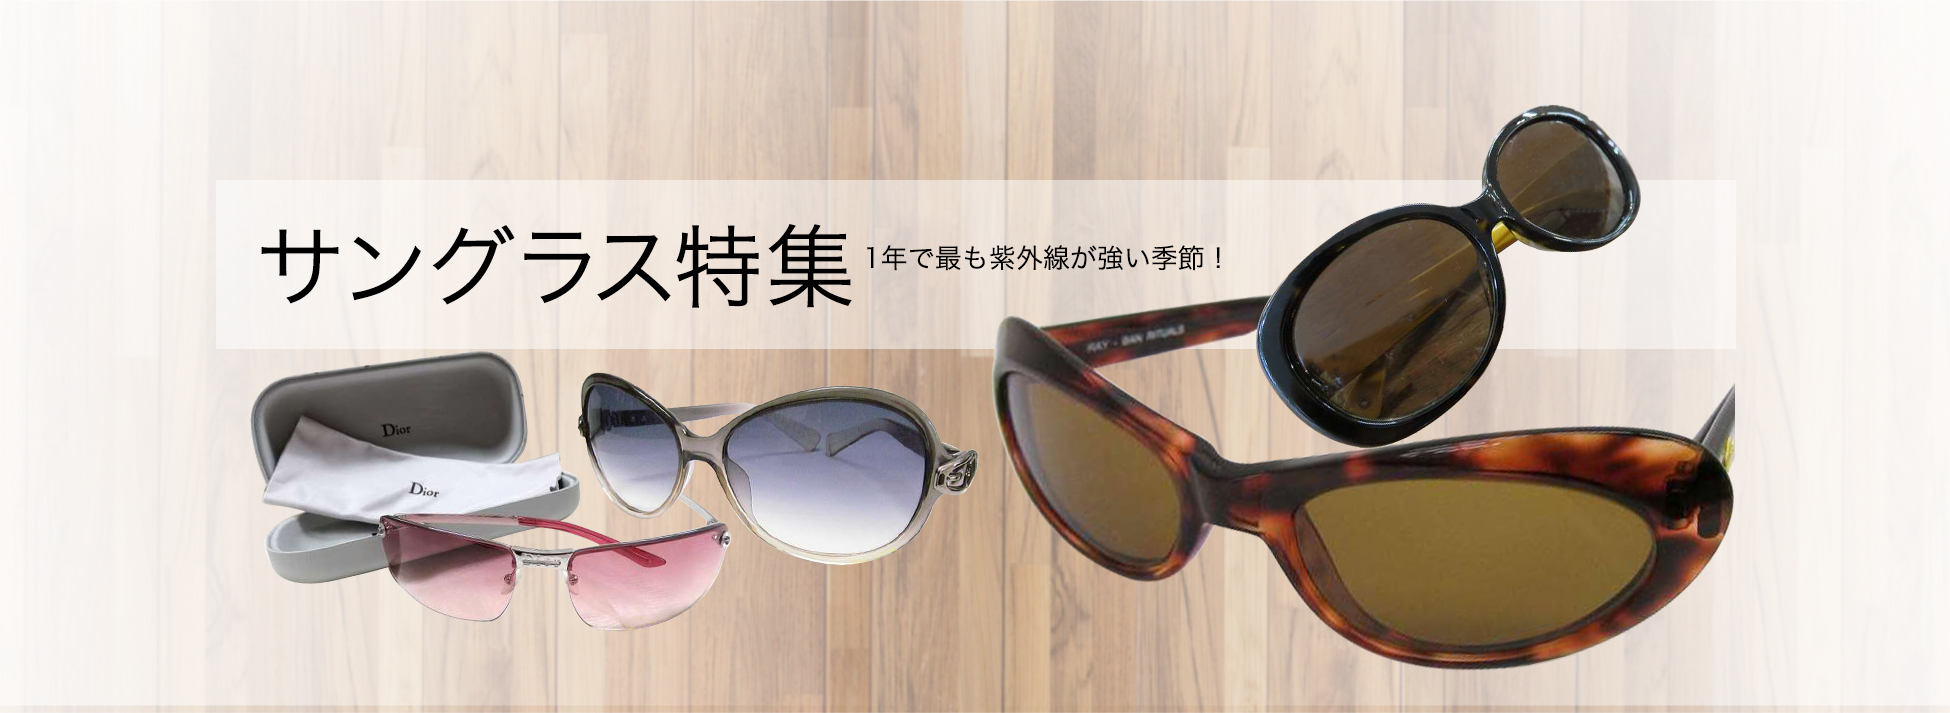 【サングラス】特集